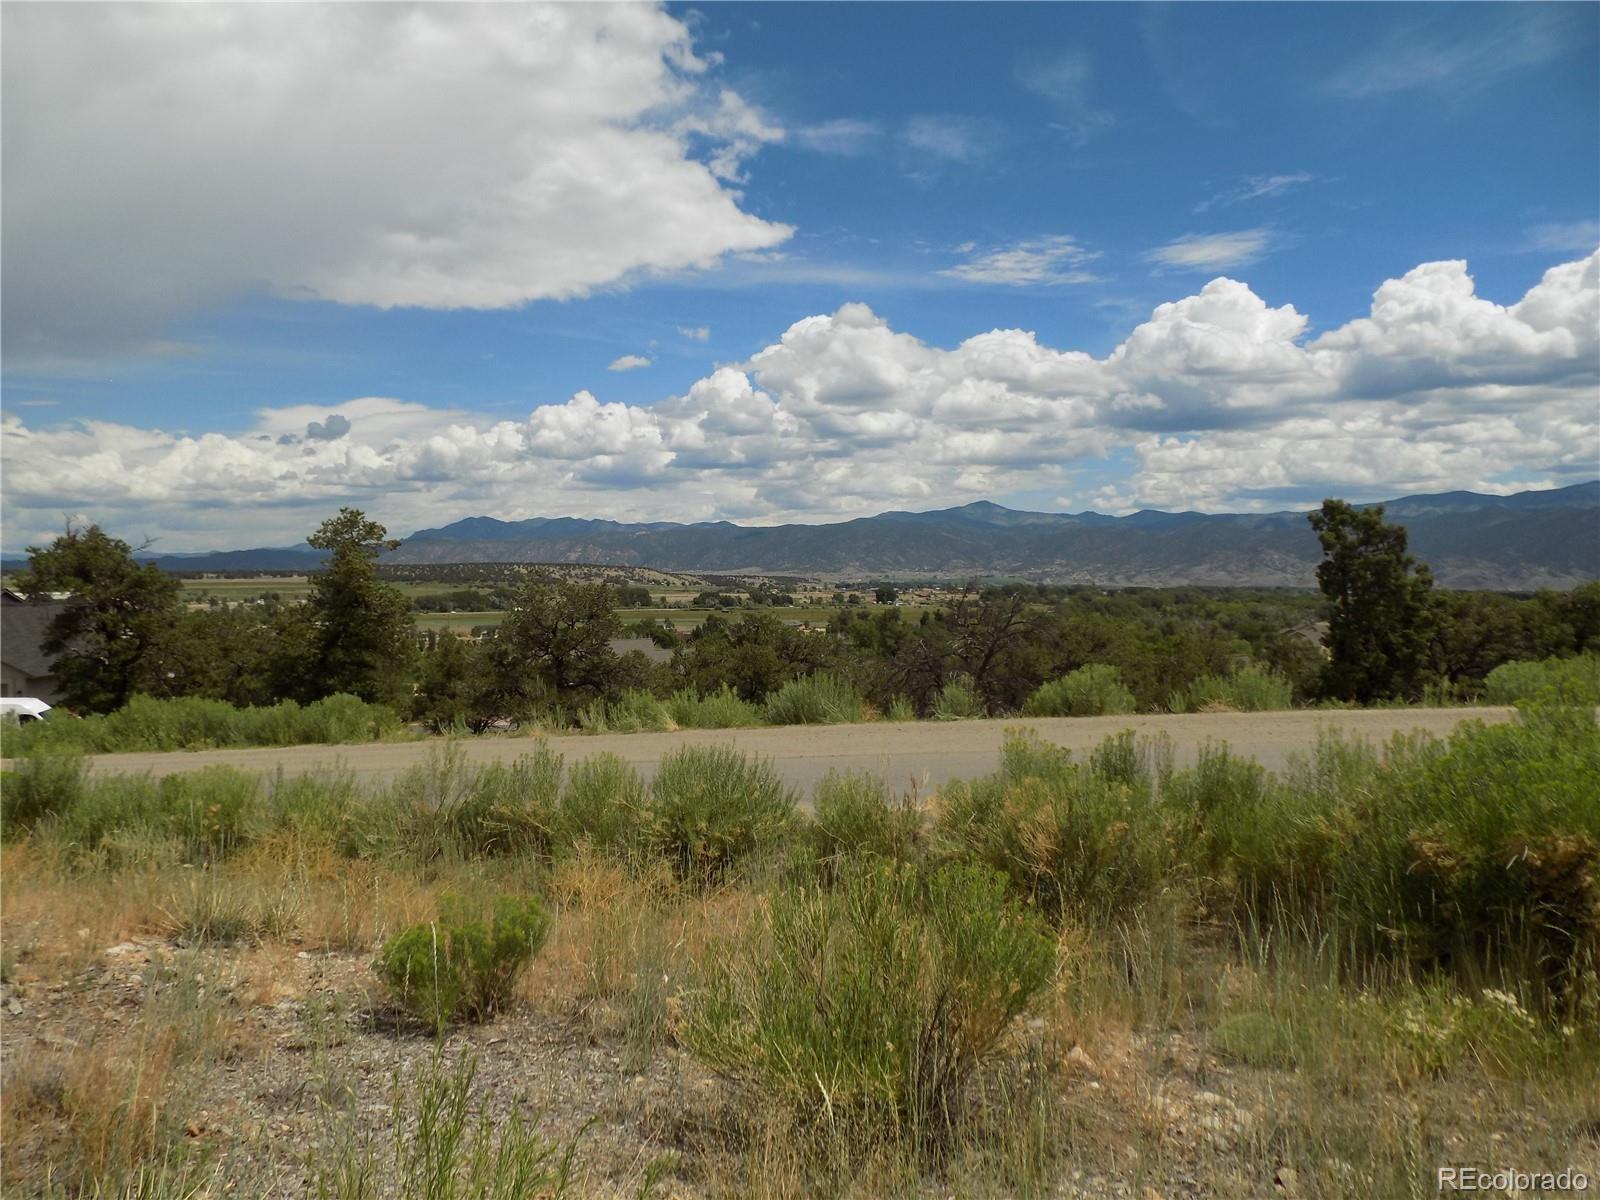 MLS# 3308907 - 4 - 1111 Poncha Springs Lane, Poncha Springs, CO 81242